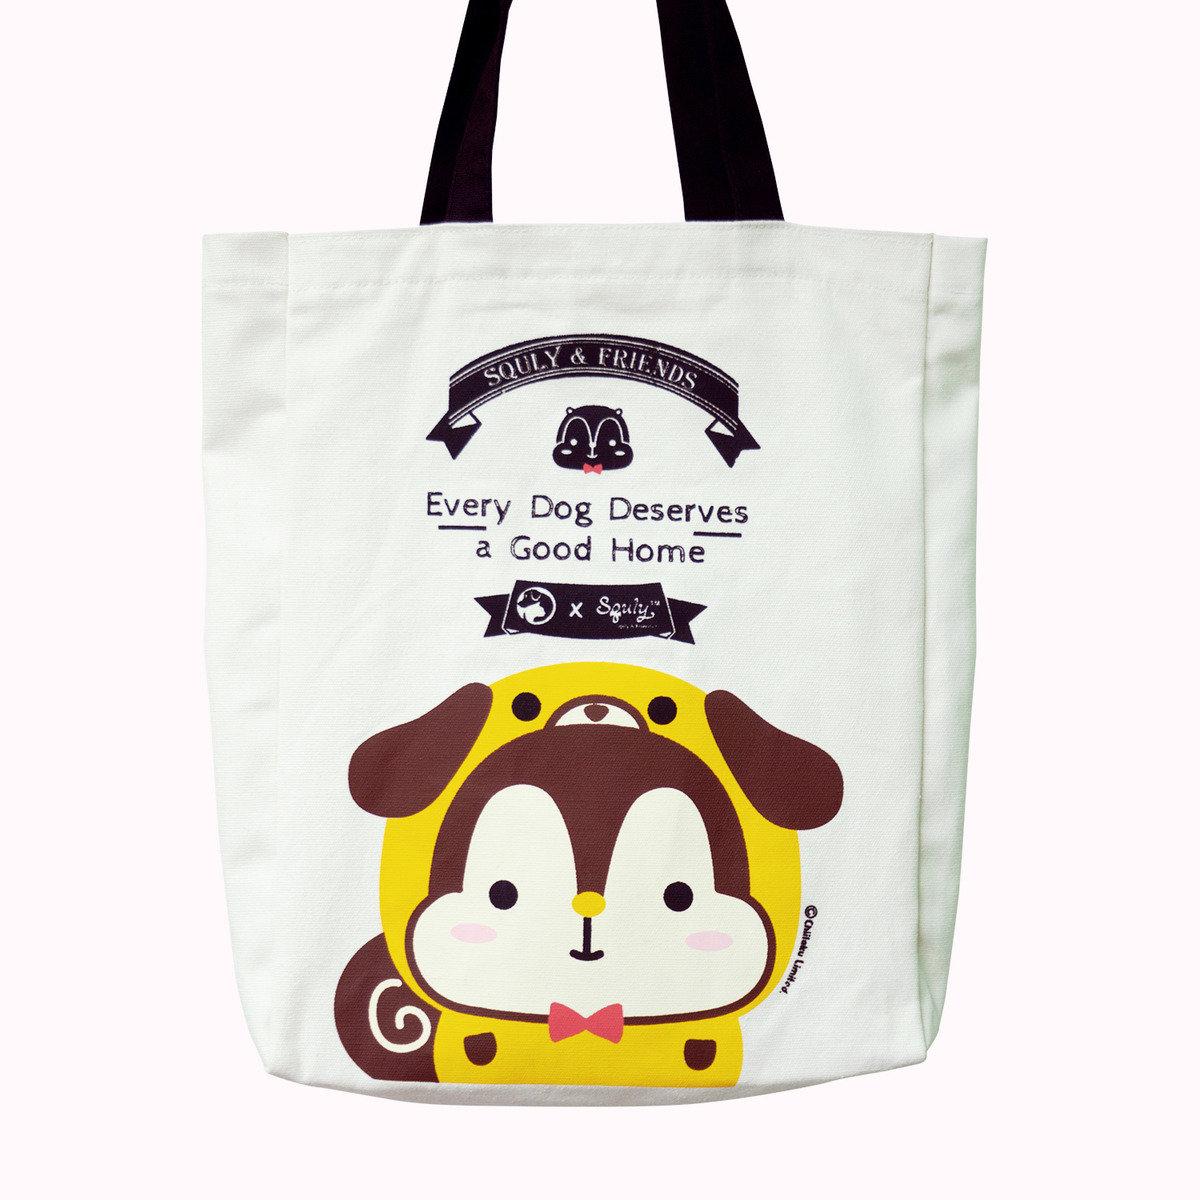 Squly 帆布手提袋(愛護動物協會特別版 - 狗仔)